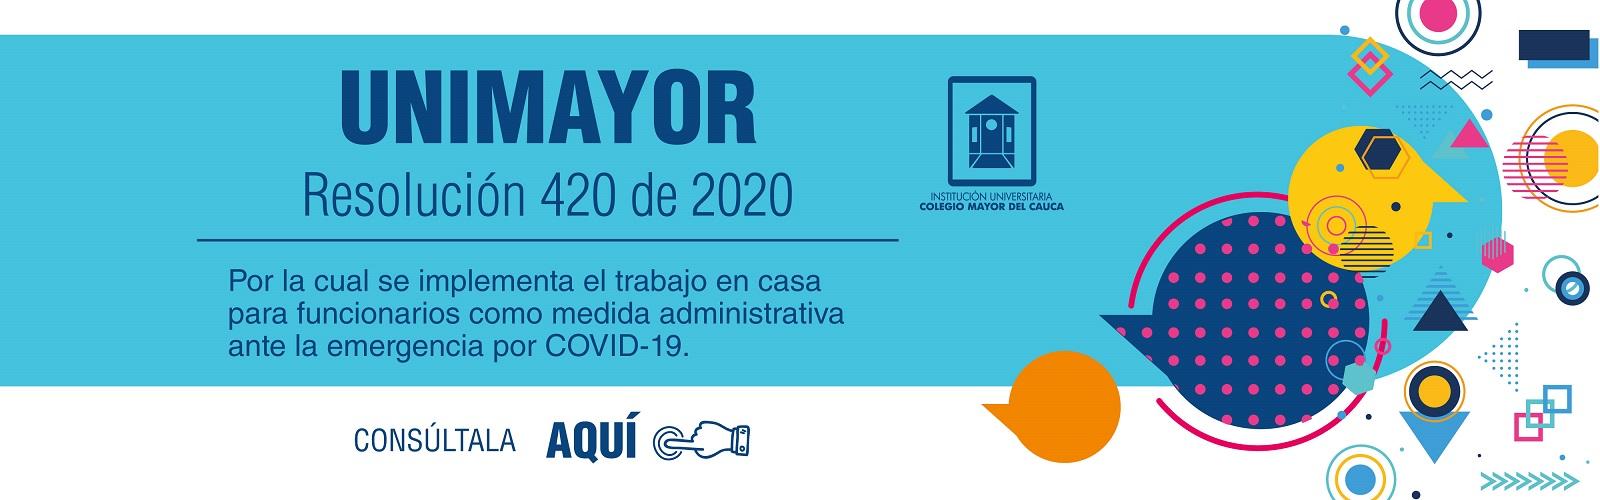 Resolucion_420_de_2020